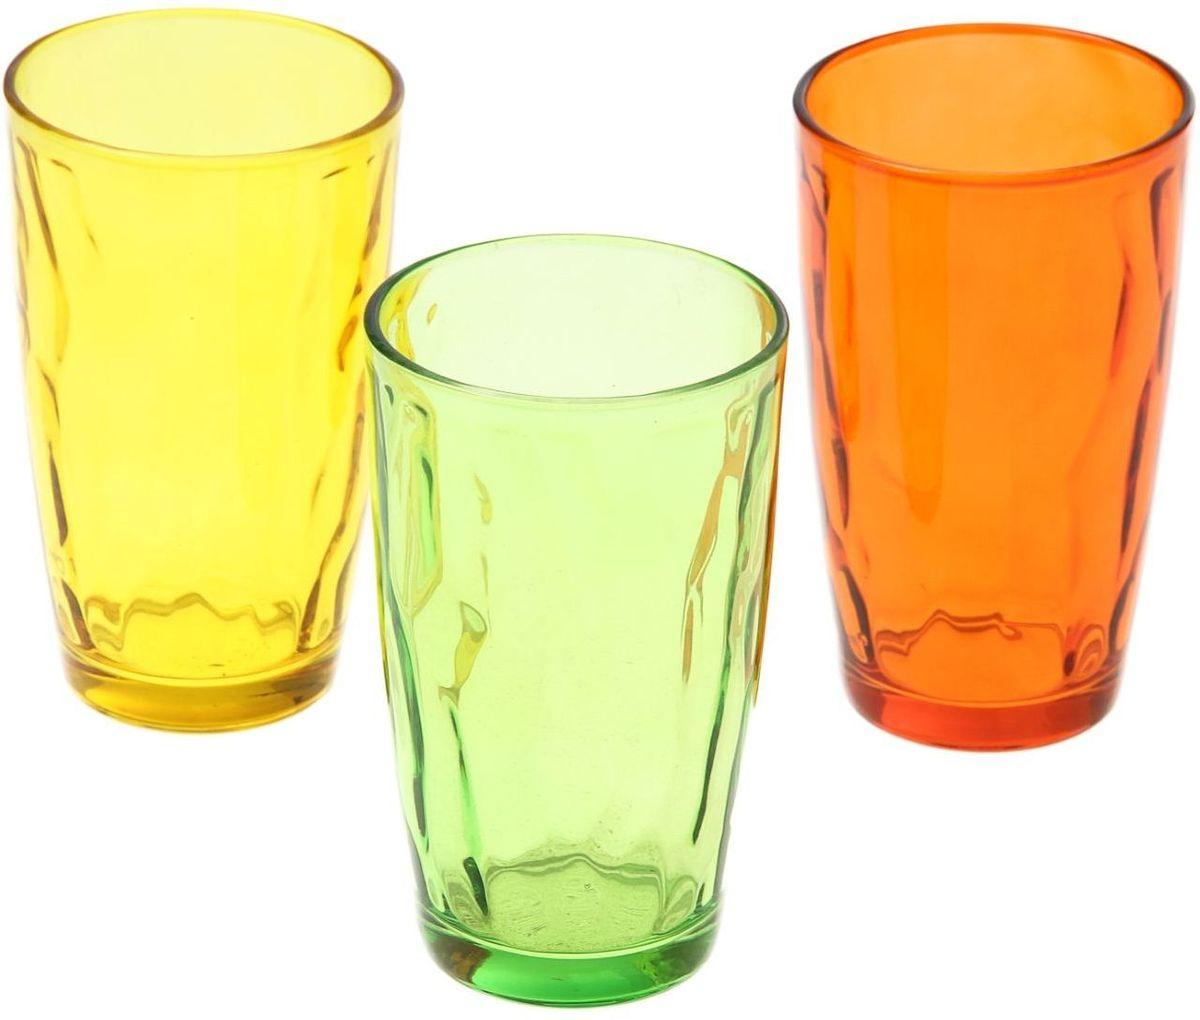 Набор стаканов Доляна Венский вальс. Осень, 340 мл, 3 штVT-1520(SR)Набор стаканов Доляна Венский вальс подходит для повседневного использования. набор состоит из 3 стаканов. Они выполнены из прозрачного стекла, окрашенного в яркий цвет, и порадуют каждого ценителя качественной посуды.Достоинства:- оригинальный дизайн делает предметы украшением интерьера;- материал не впитывает запахов;- поверхность легко отмывается.Чтобы предметы радовали внешним видом как можно дольше, соблюдайте простые правила ухода:мойте только вручную;избегайте использования высокоабразивных средств и металлических губок;не допускайте падений и ударов.